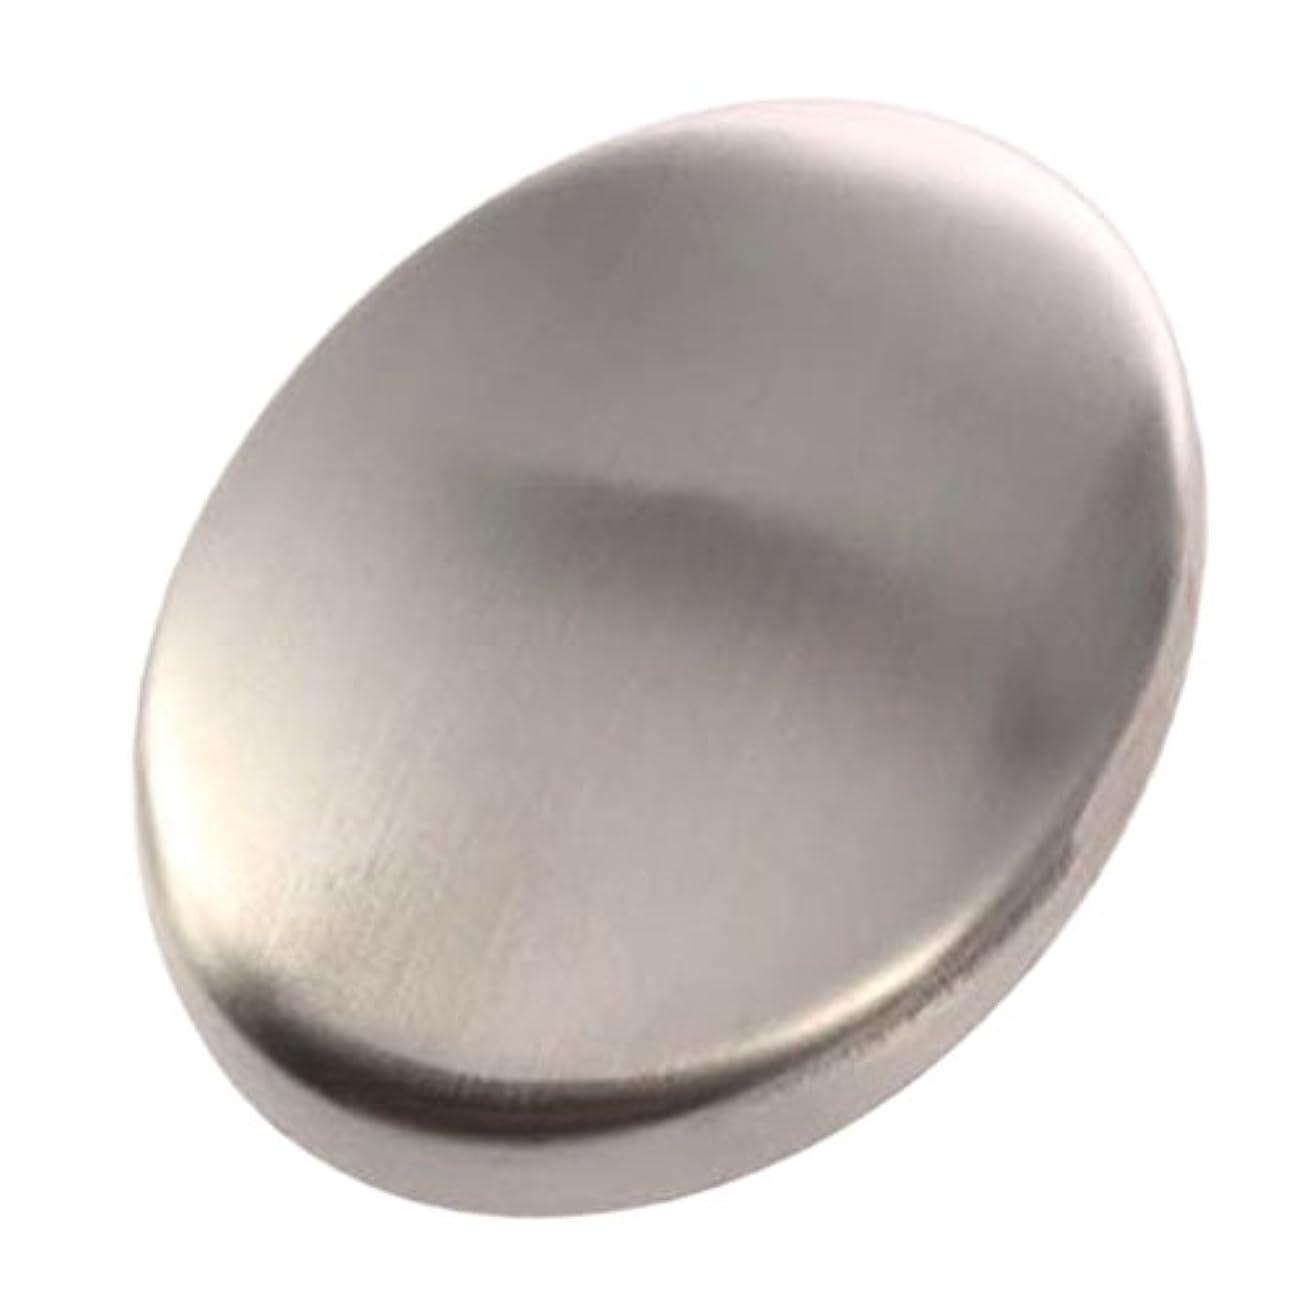 リベラル在庫トークZafina ステンレスソープ 円形 においとりソープ 臭い取り ステンレス石鹸